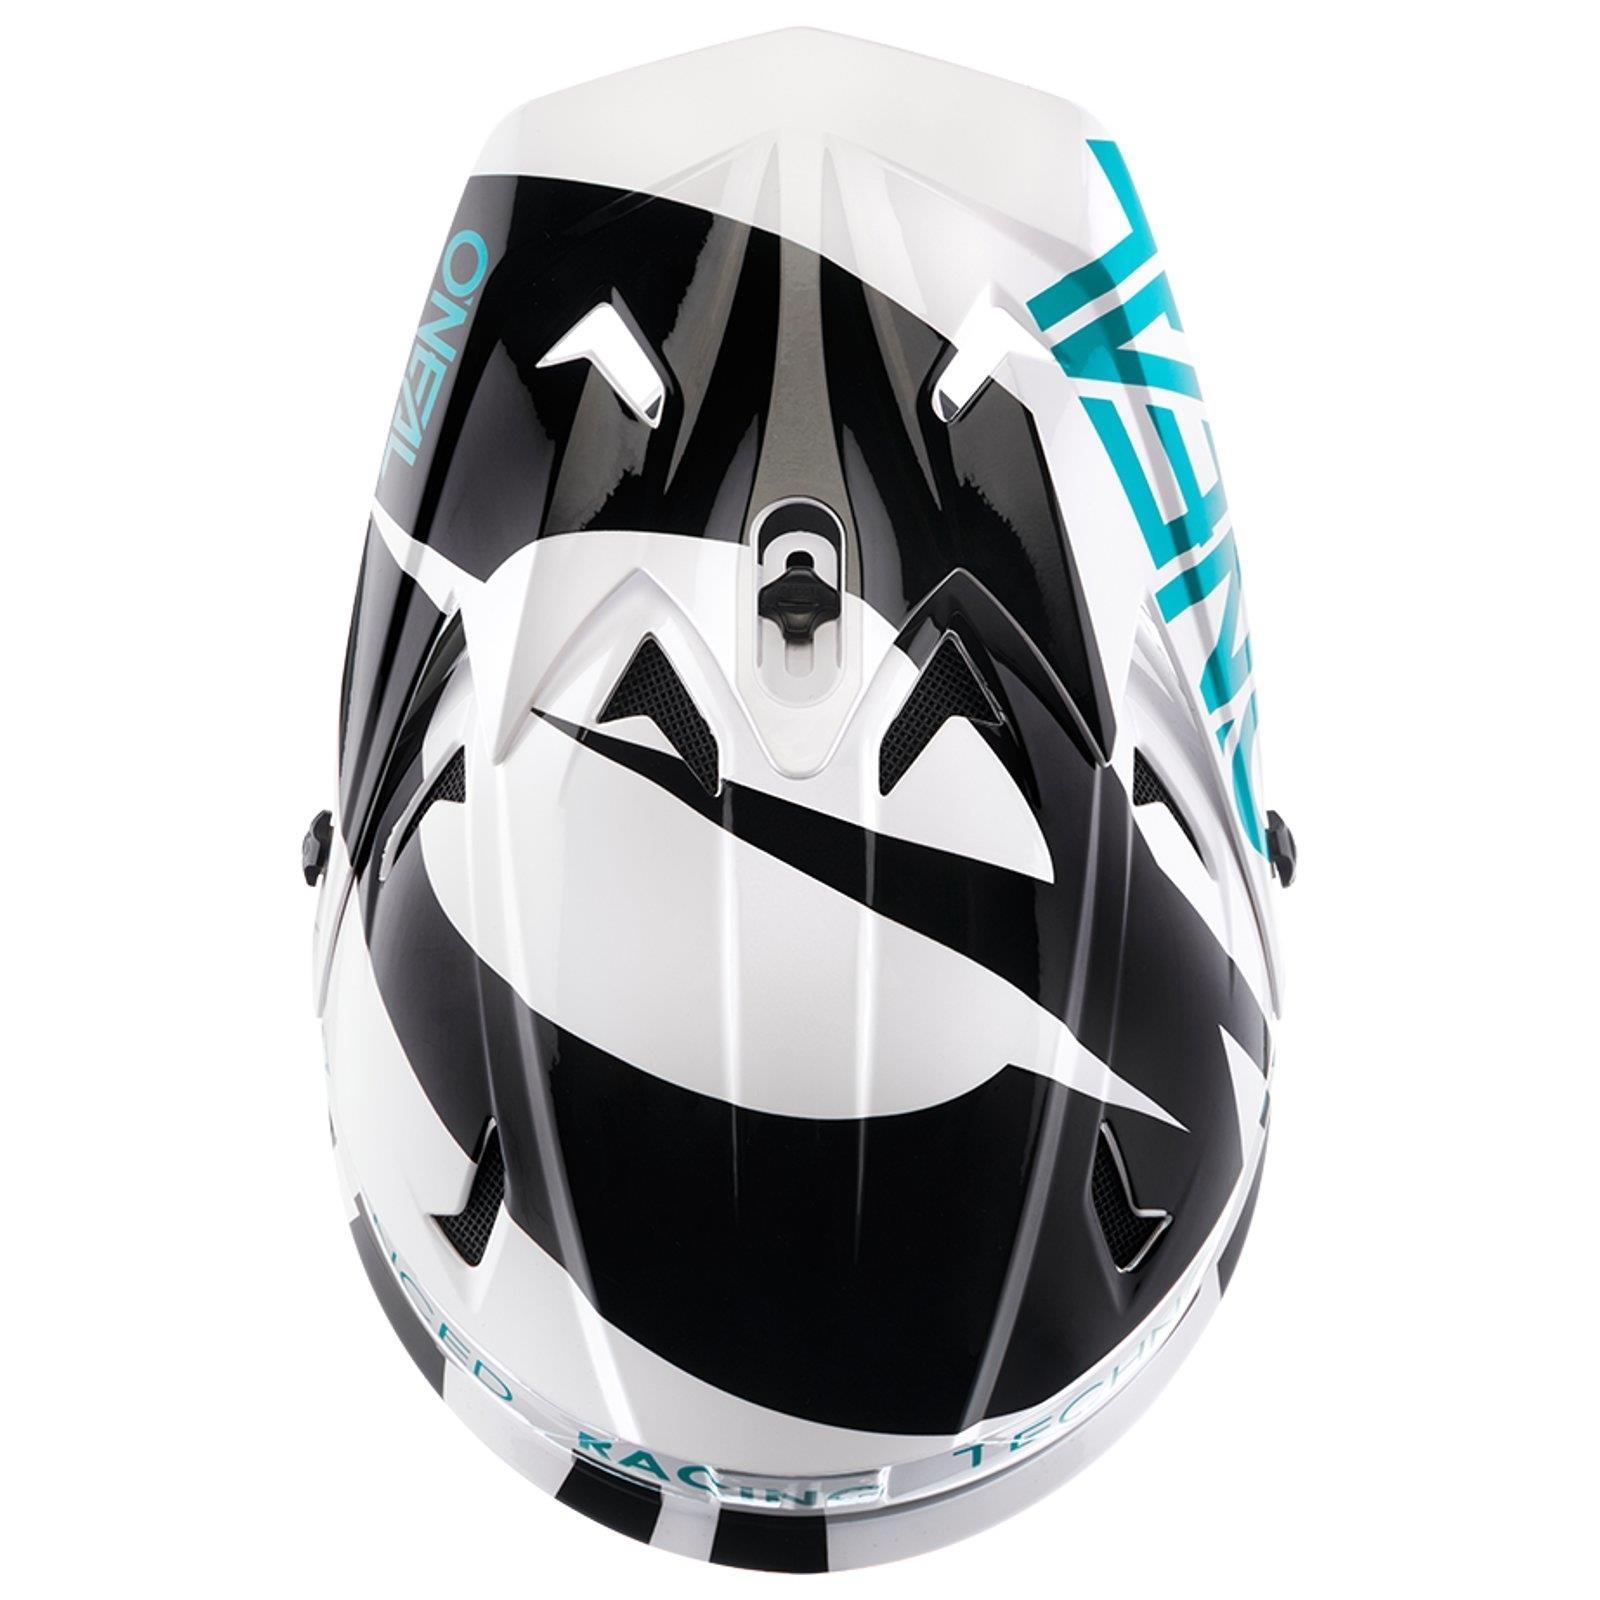 Bell Tempo Damen Fahrrad Helm Gr 50-57cm weiß//grün 2017